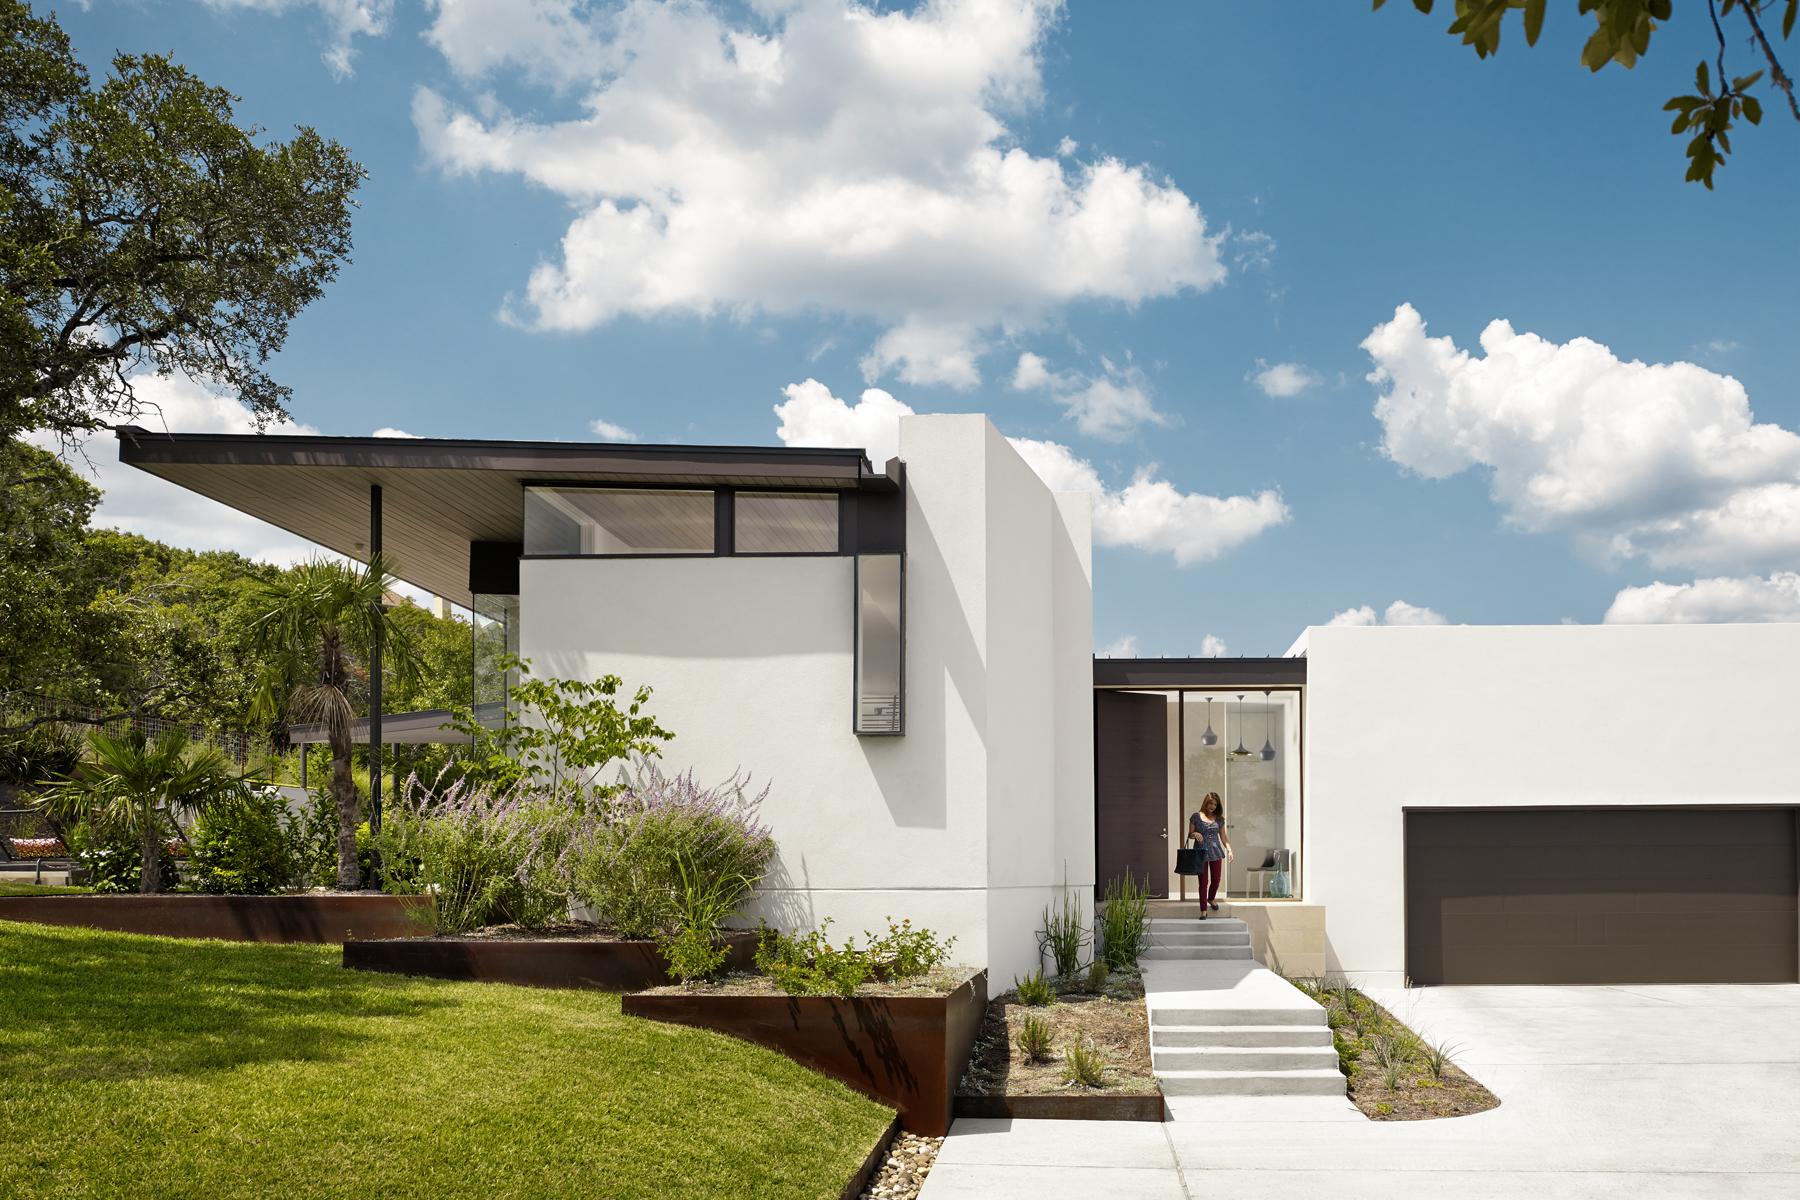 Cassava residence residential architect alterstudio for Residential architect design awards